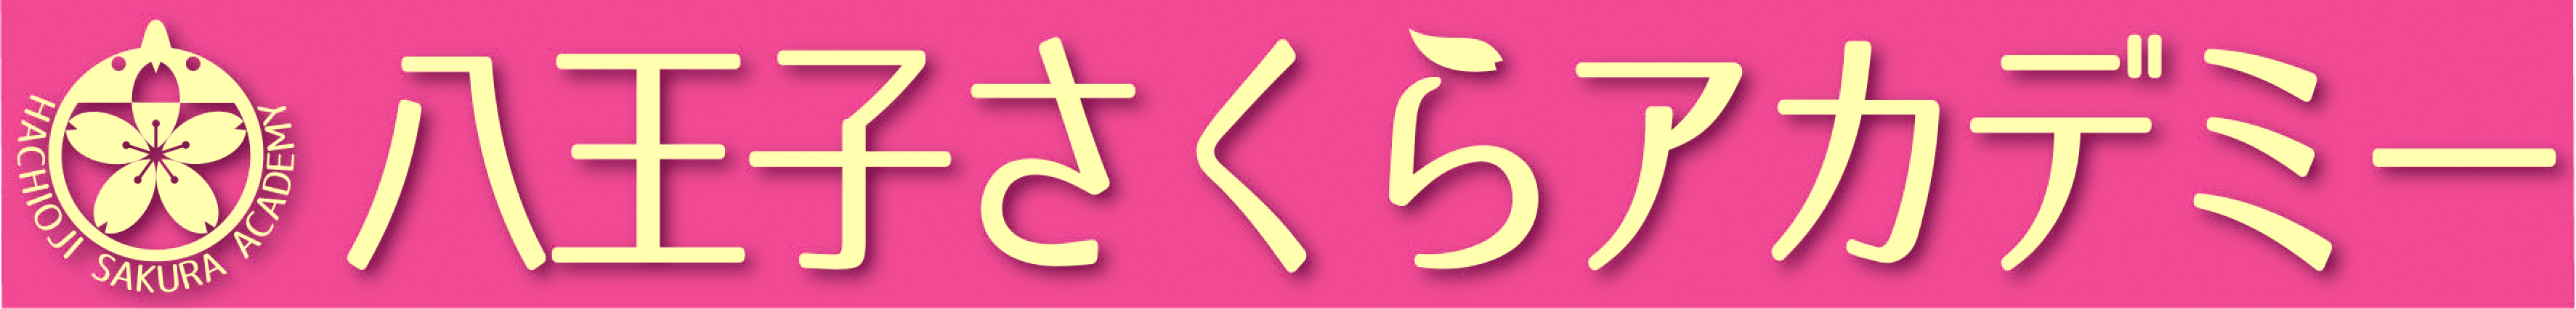 八王子・日野の個別指導塾・個別塾【さくら個別アカデミー】八王子・豊田駅前